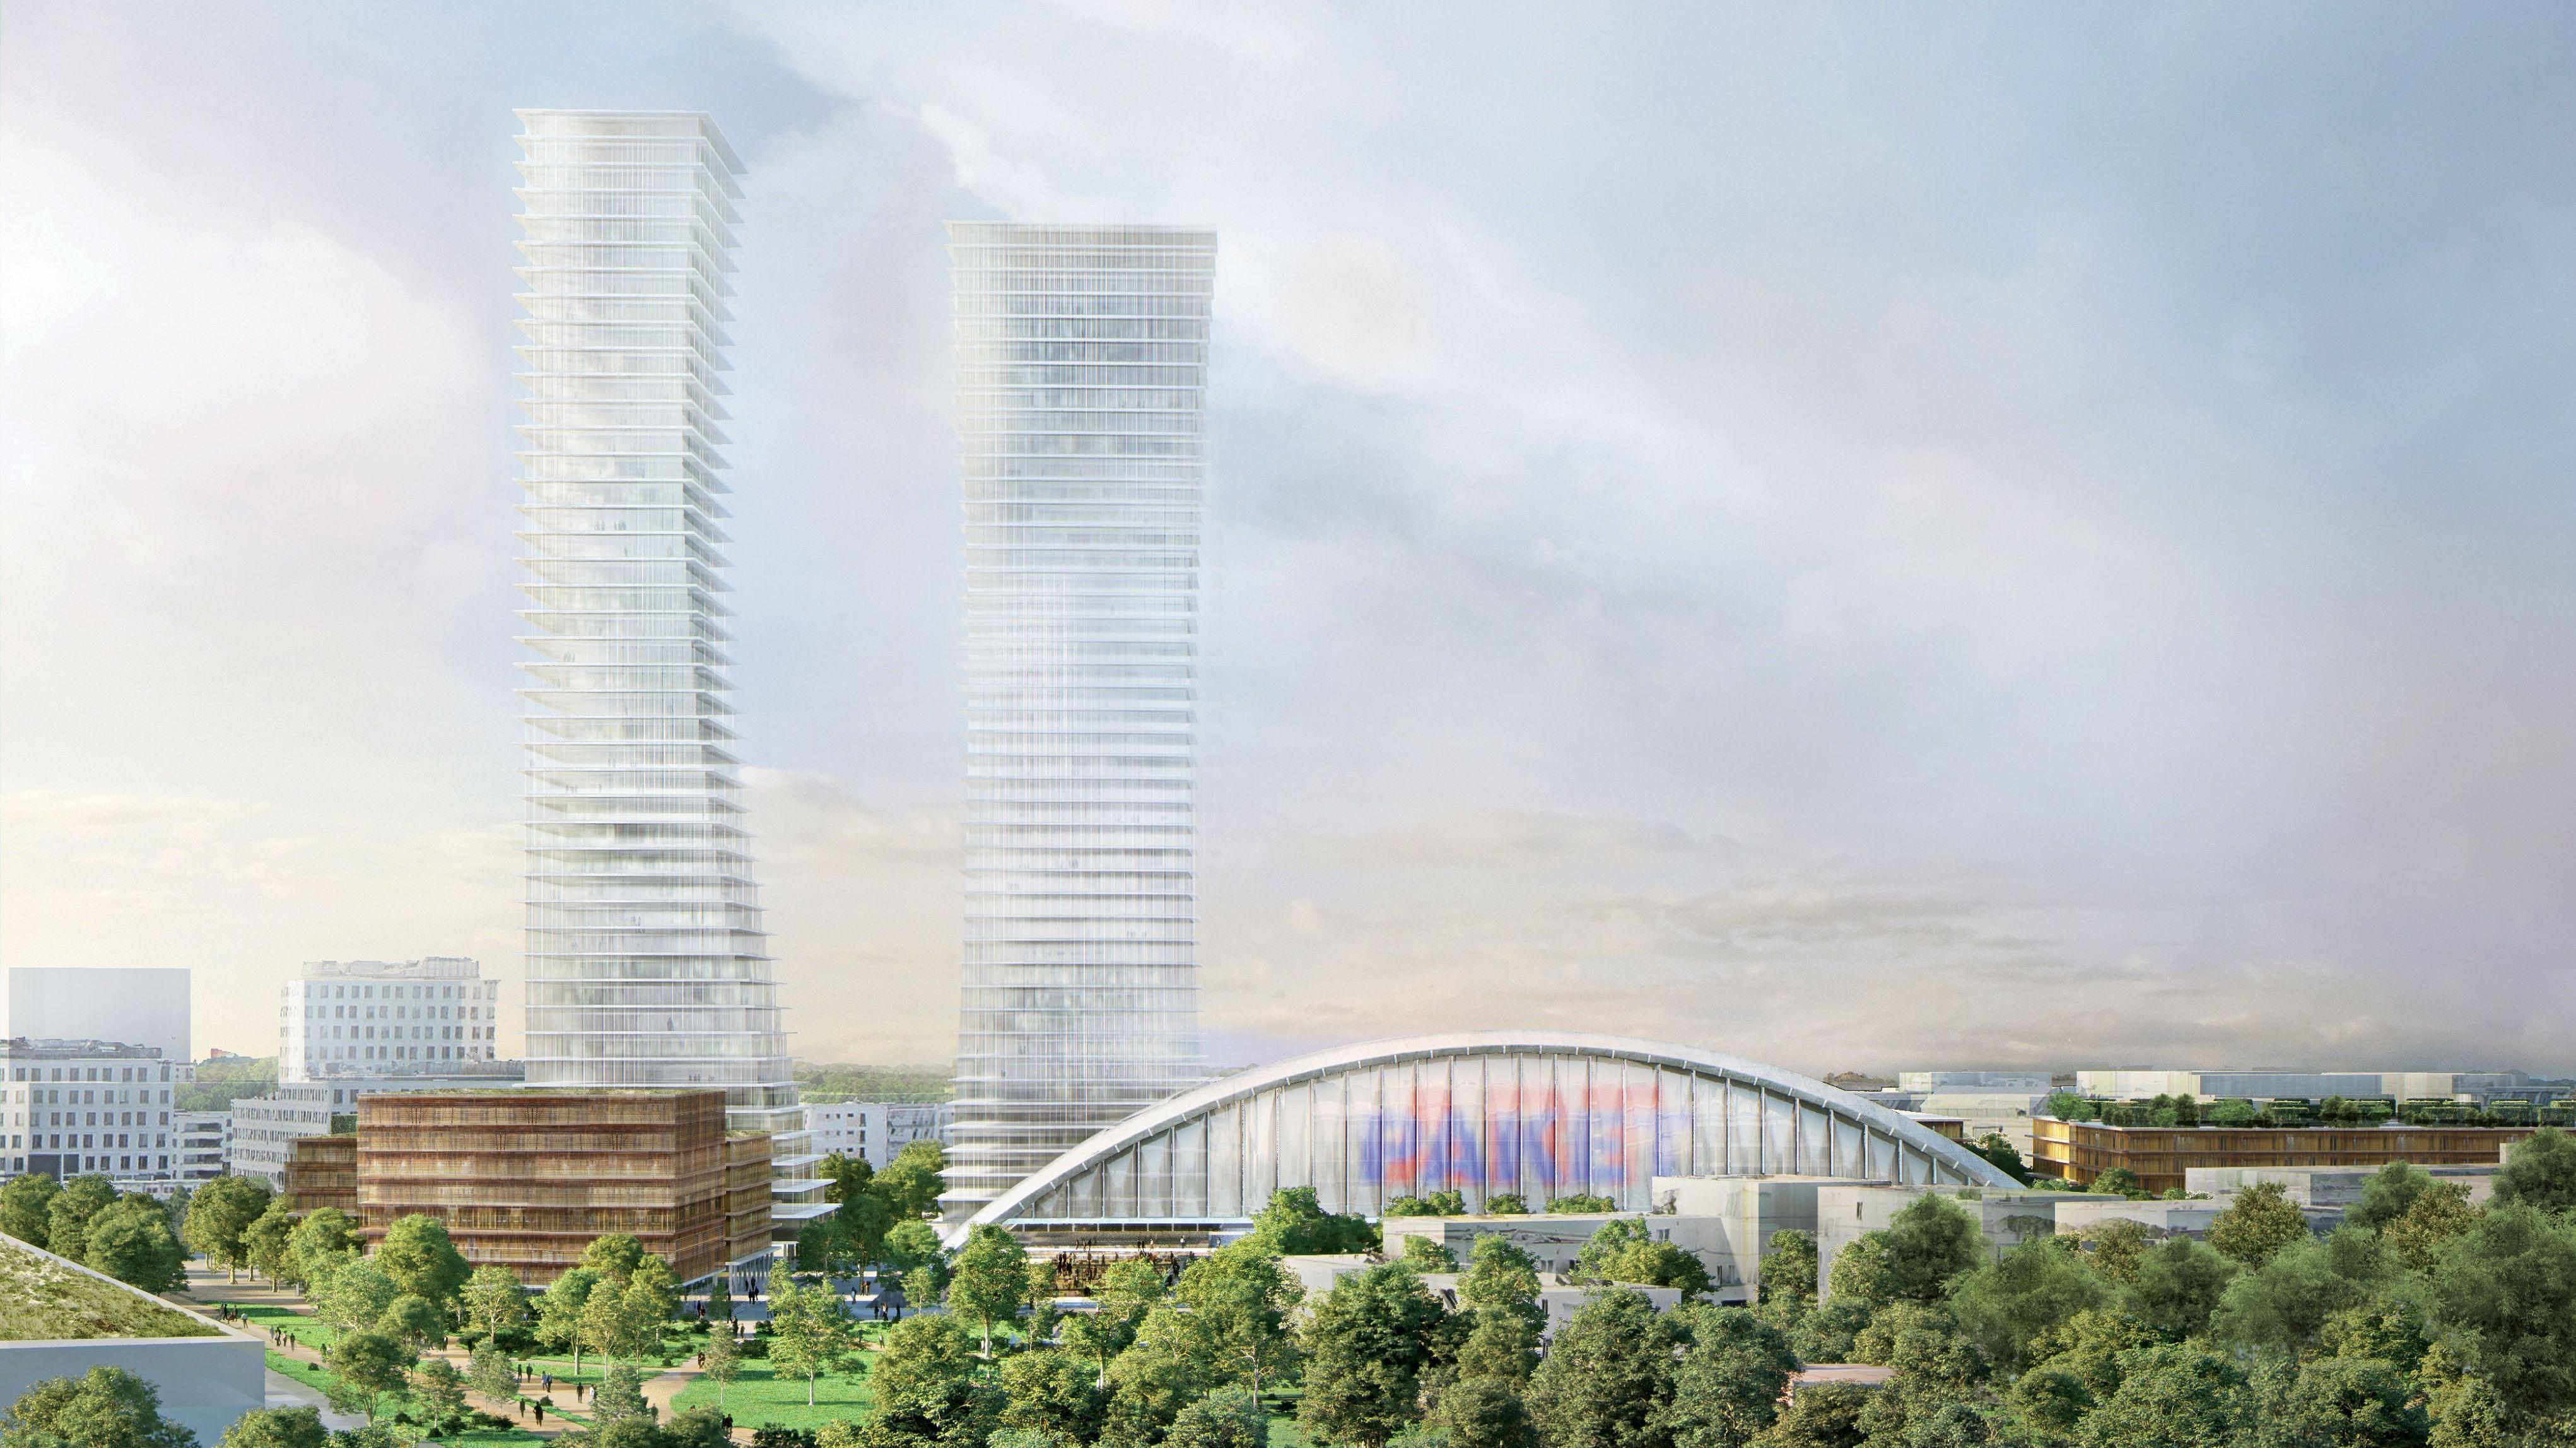 Die Münchner Skyline könnte sich signifikant verändern, wenn die Pläne des Architektenbüros Herzog & de Meuron umgesetzt werden.